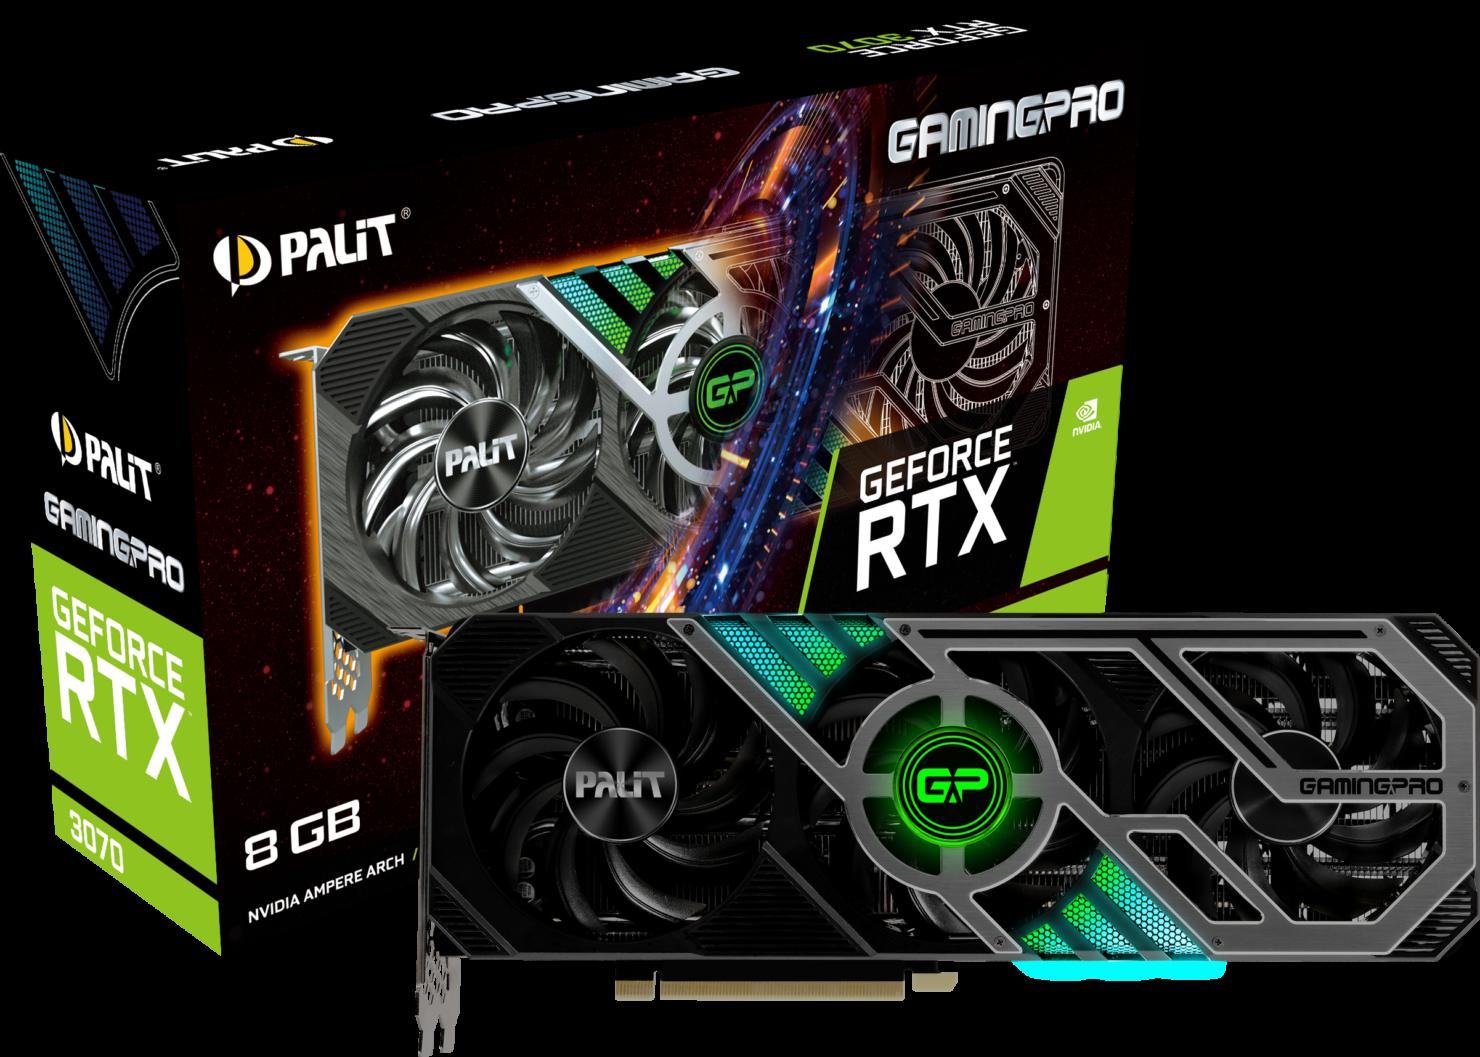 palit-rtx3070-gamingpro-125f4e65cd1ecd11-96901335